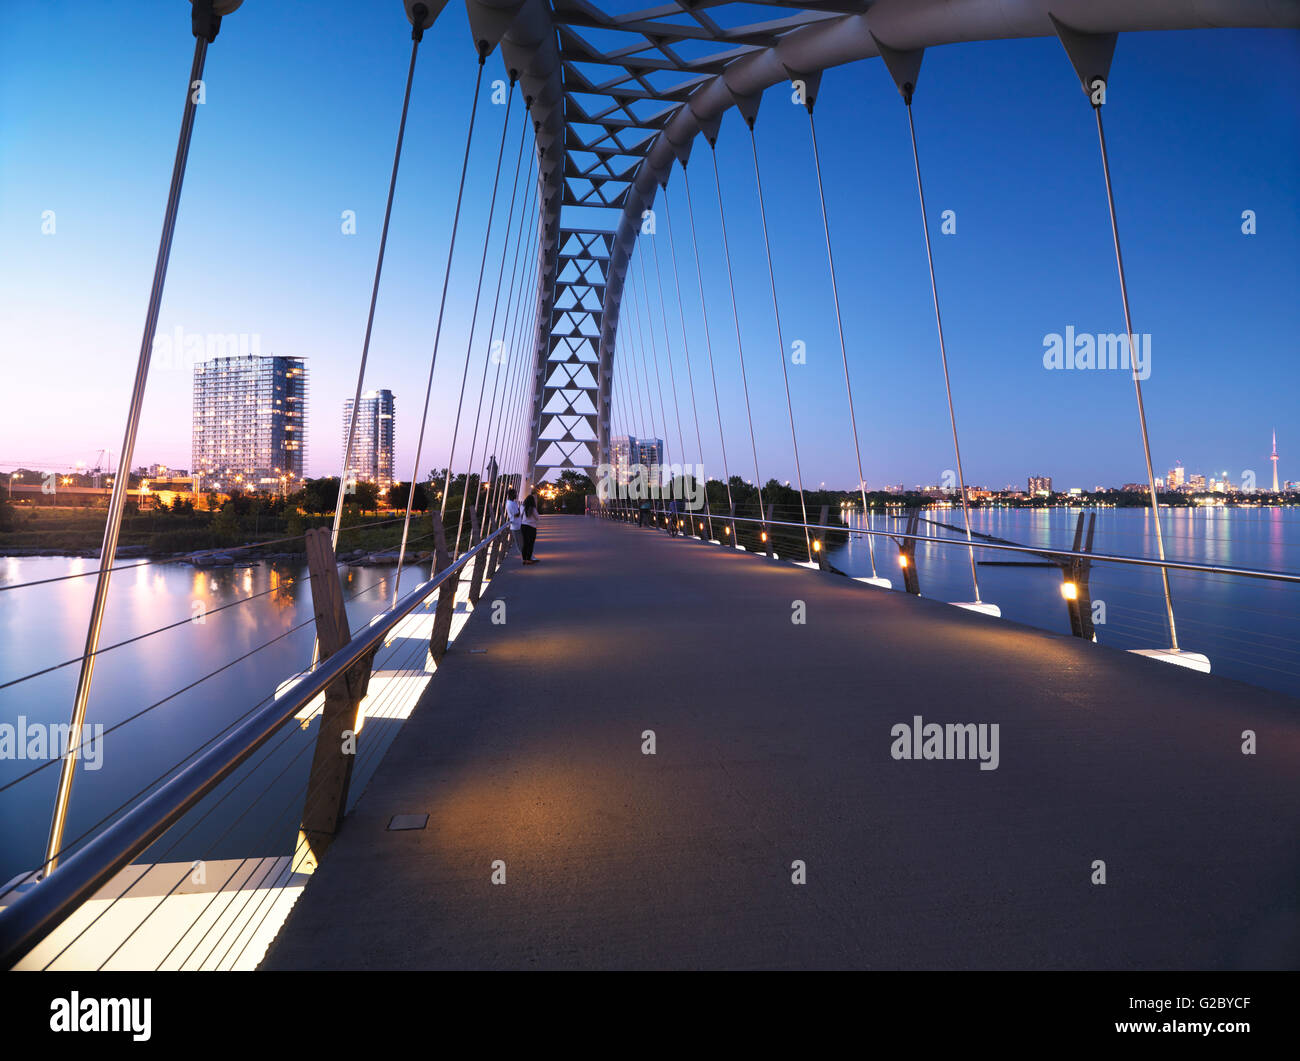 Puente de arco del Río Humber, Toronto, provincia de Ontario, Canadá Imagen De Stock